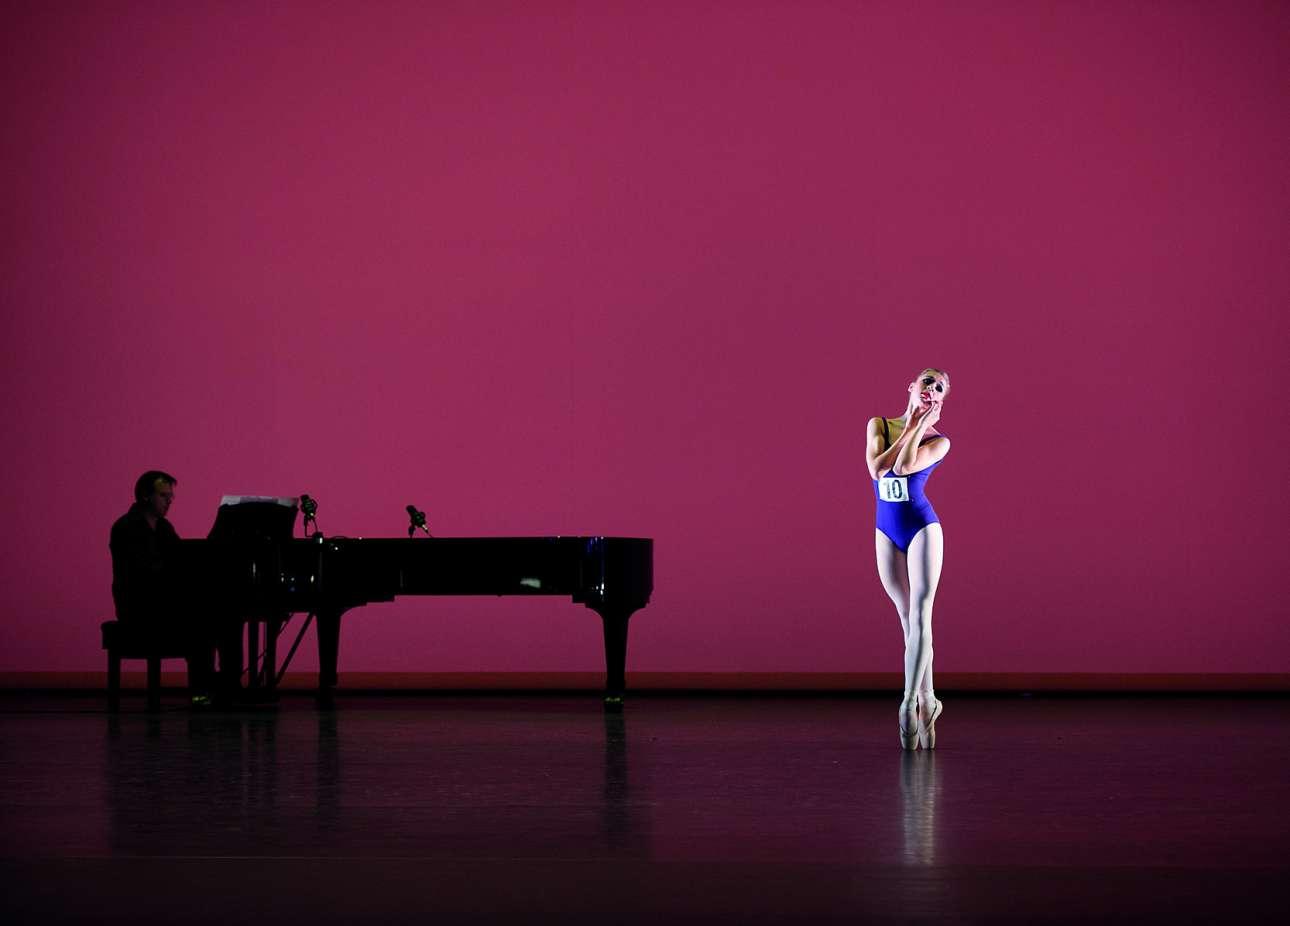 Υποψήφια χορεύει στον Διεθνή Διαγωνισμό Μπαλέτου Genée στο Λονδίνο, το 2015